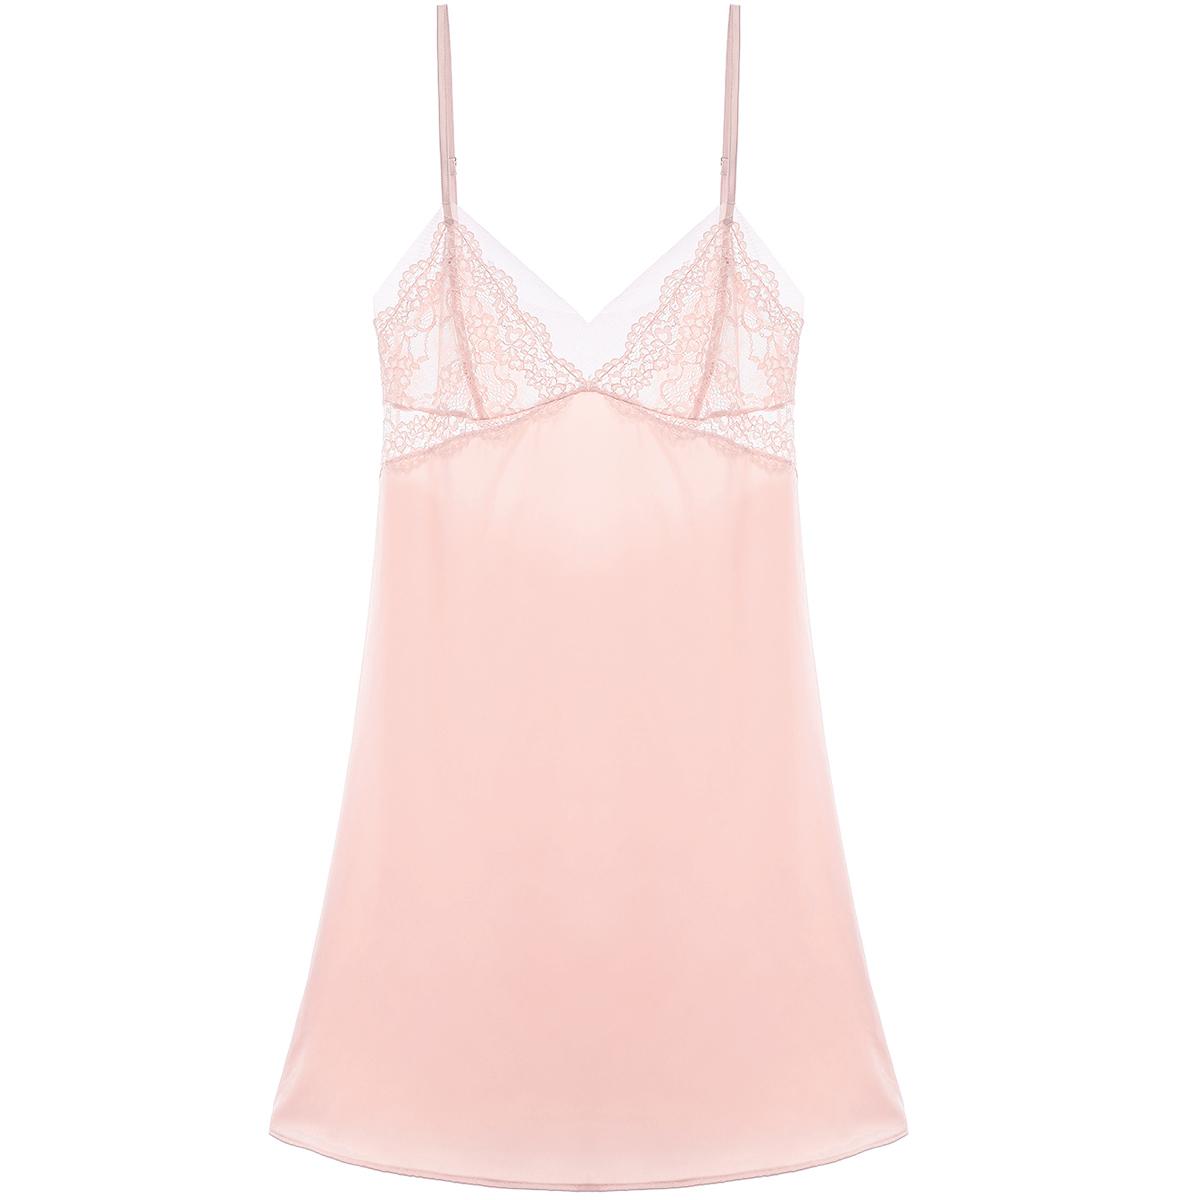 性感蕾丝仿真丝睡裙女夏吊带裙舒适家居服夏天粉色睡衣甜美法式